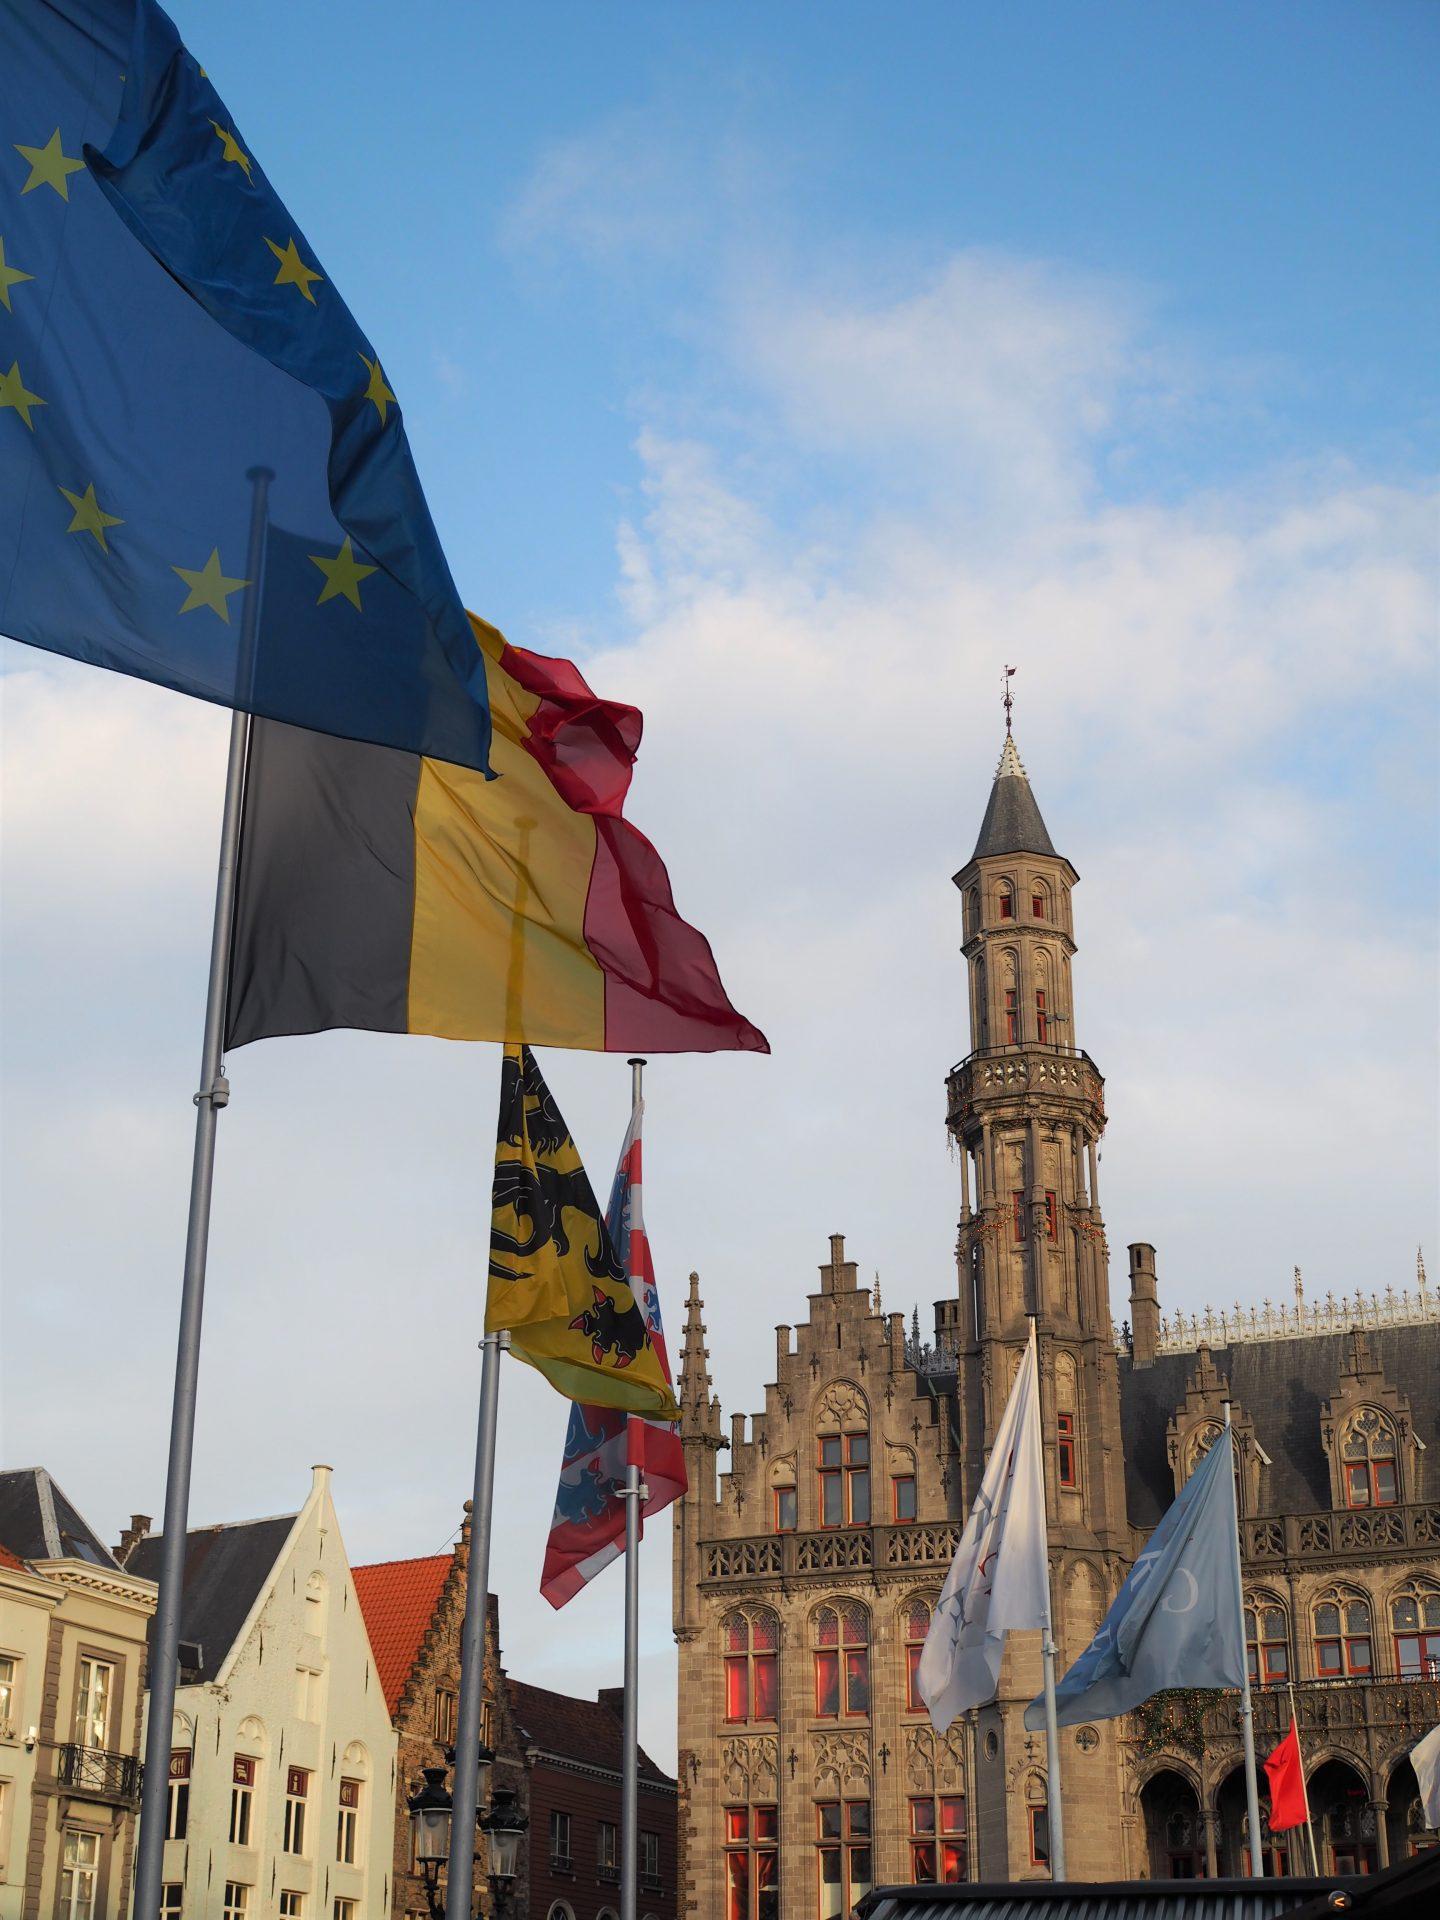 brugge belgia lippu kaupungintalo goottilainen rakennus